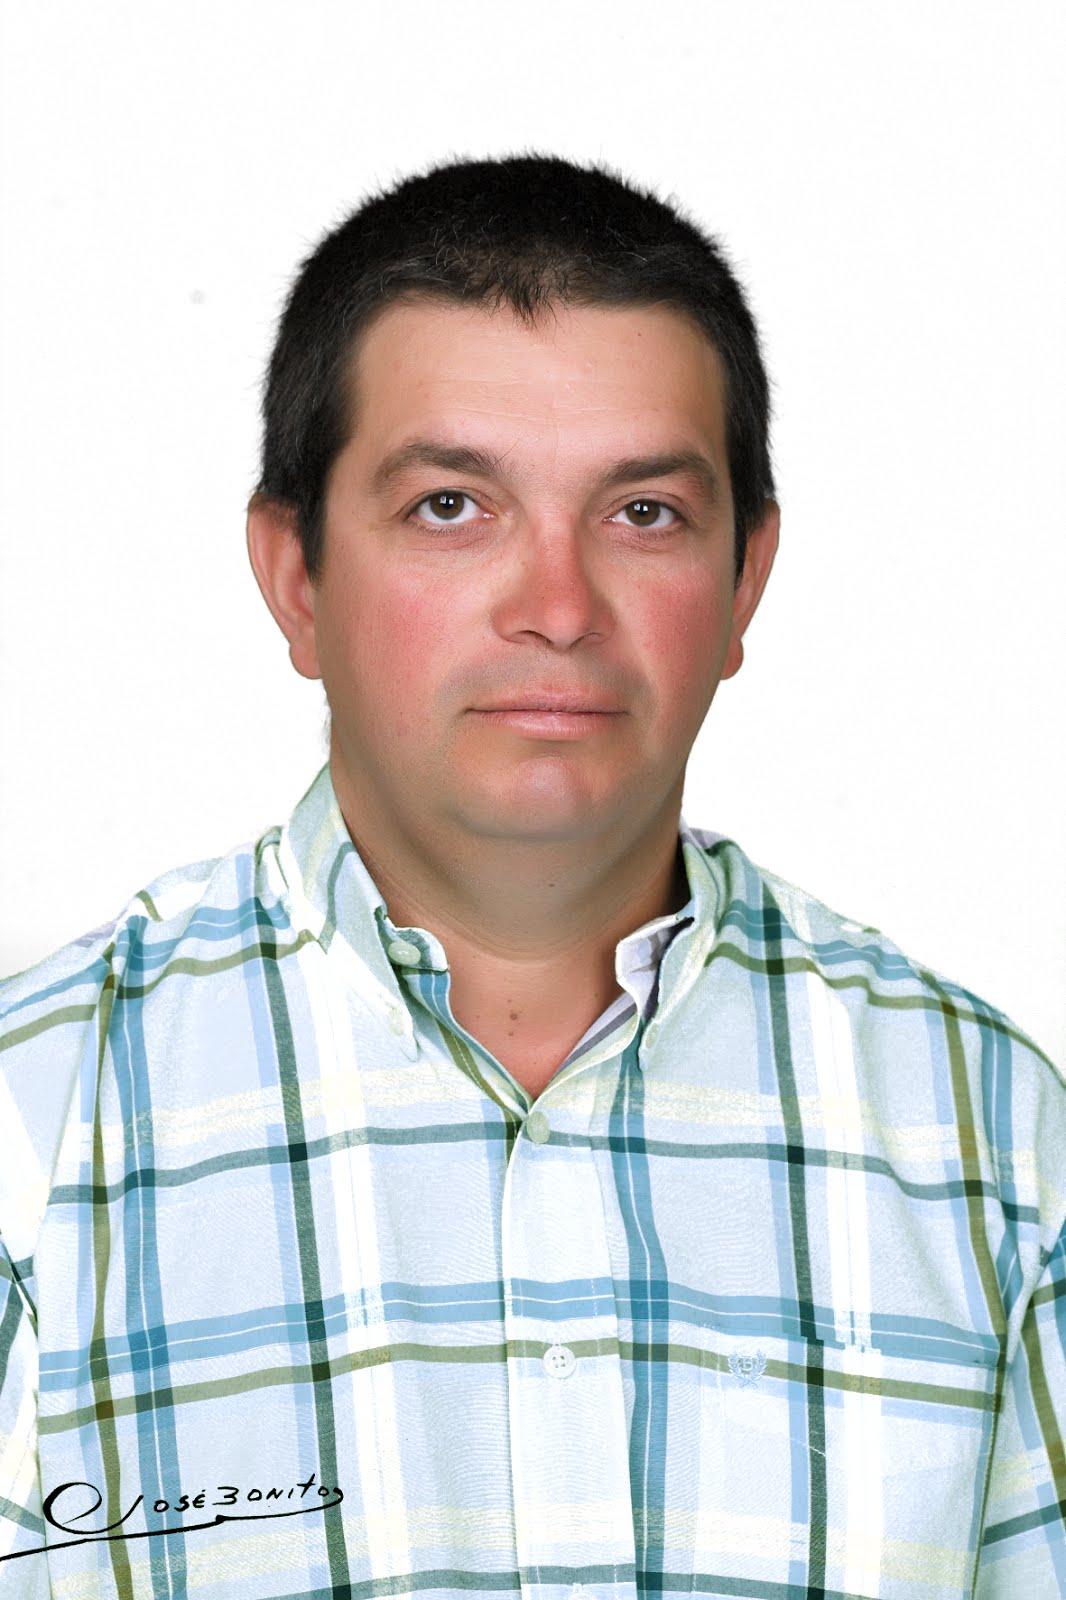 JOÃO ANTÓNIO FERNANDES - CABEÇA DE LISTA À ASSEMBLEIA DE FREGUESIA DE BENFICA DO RIBATEJO